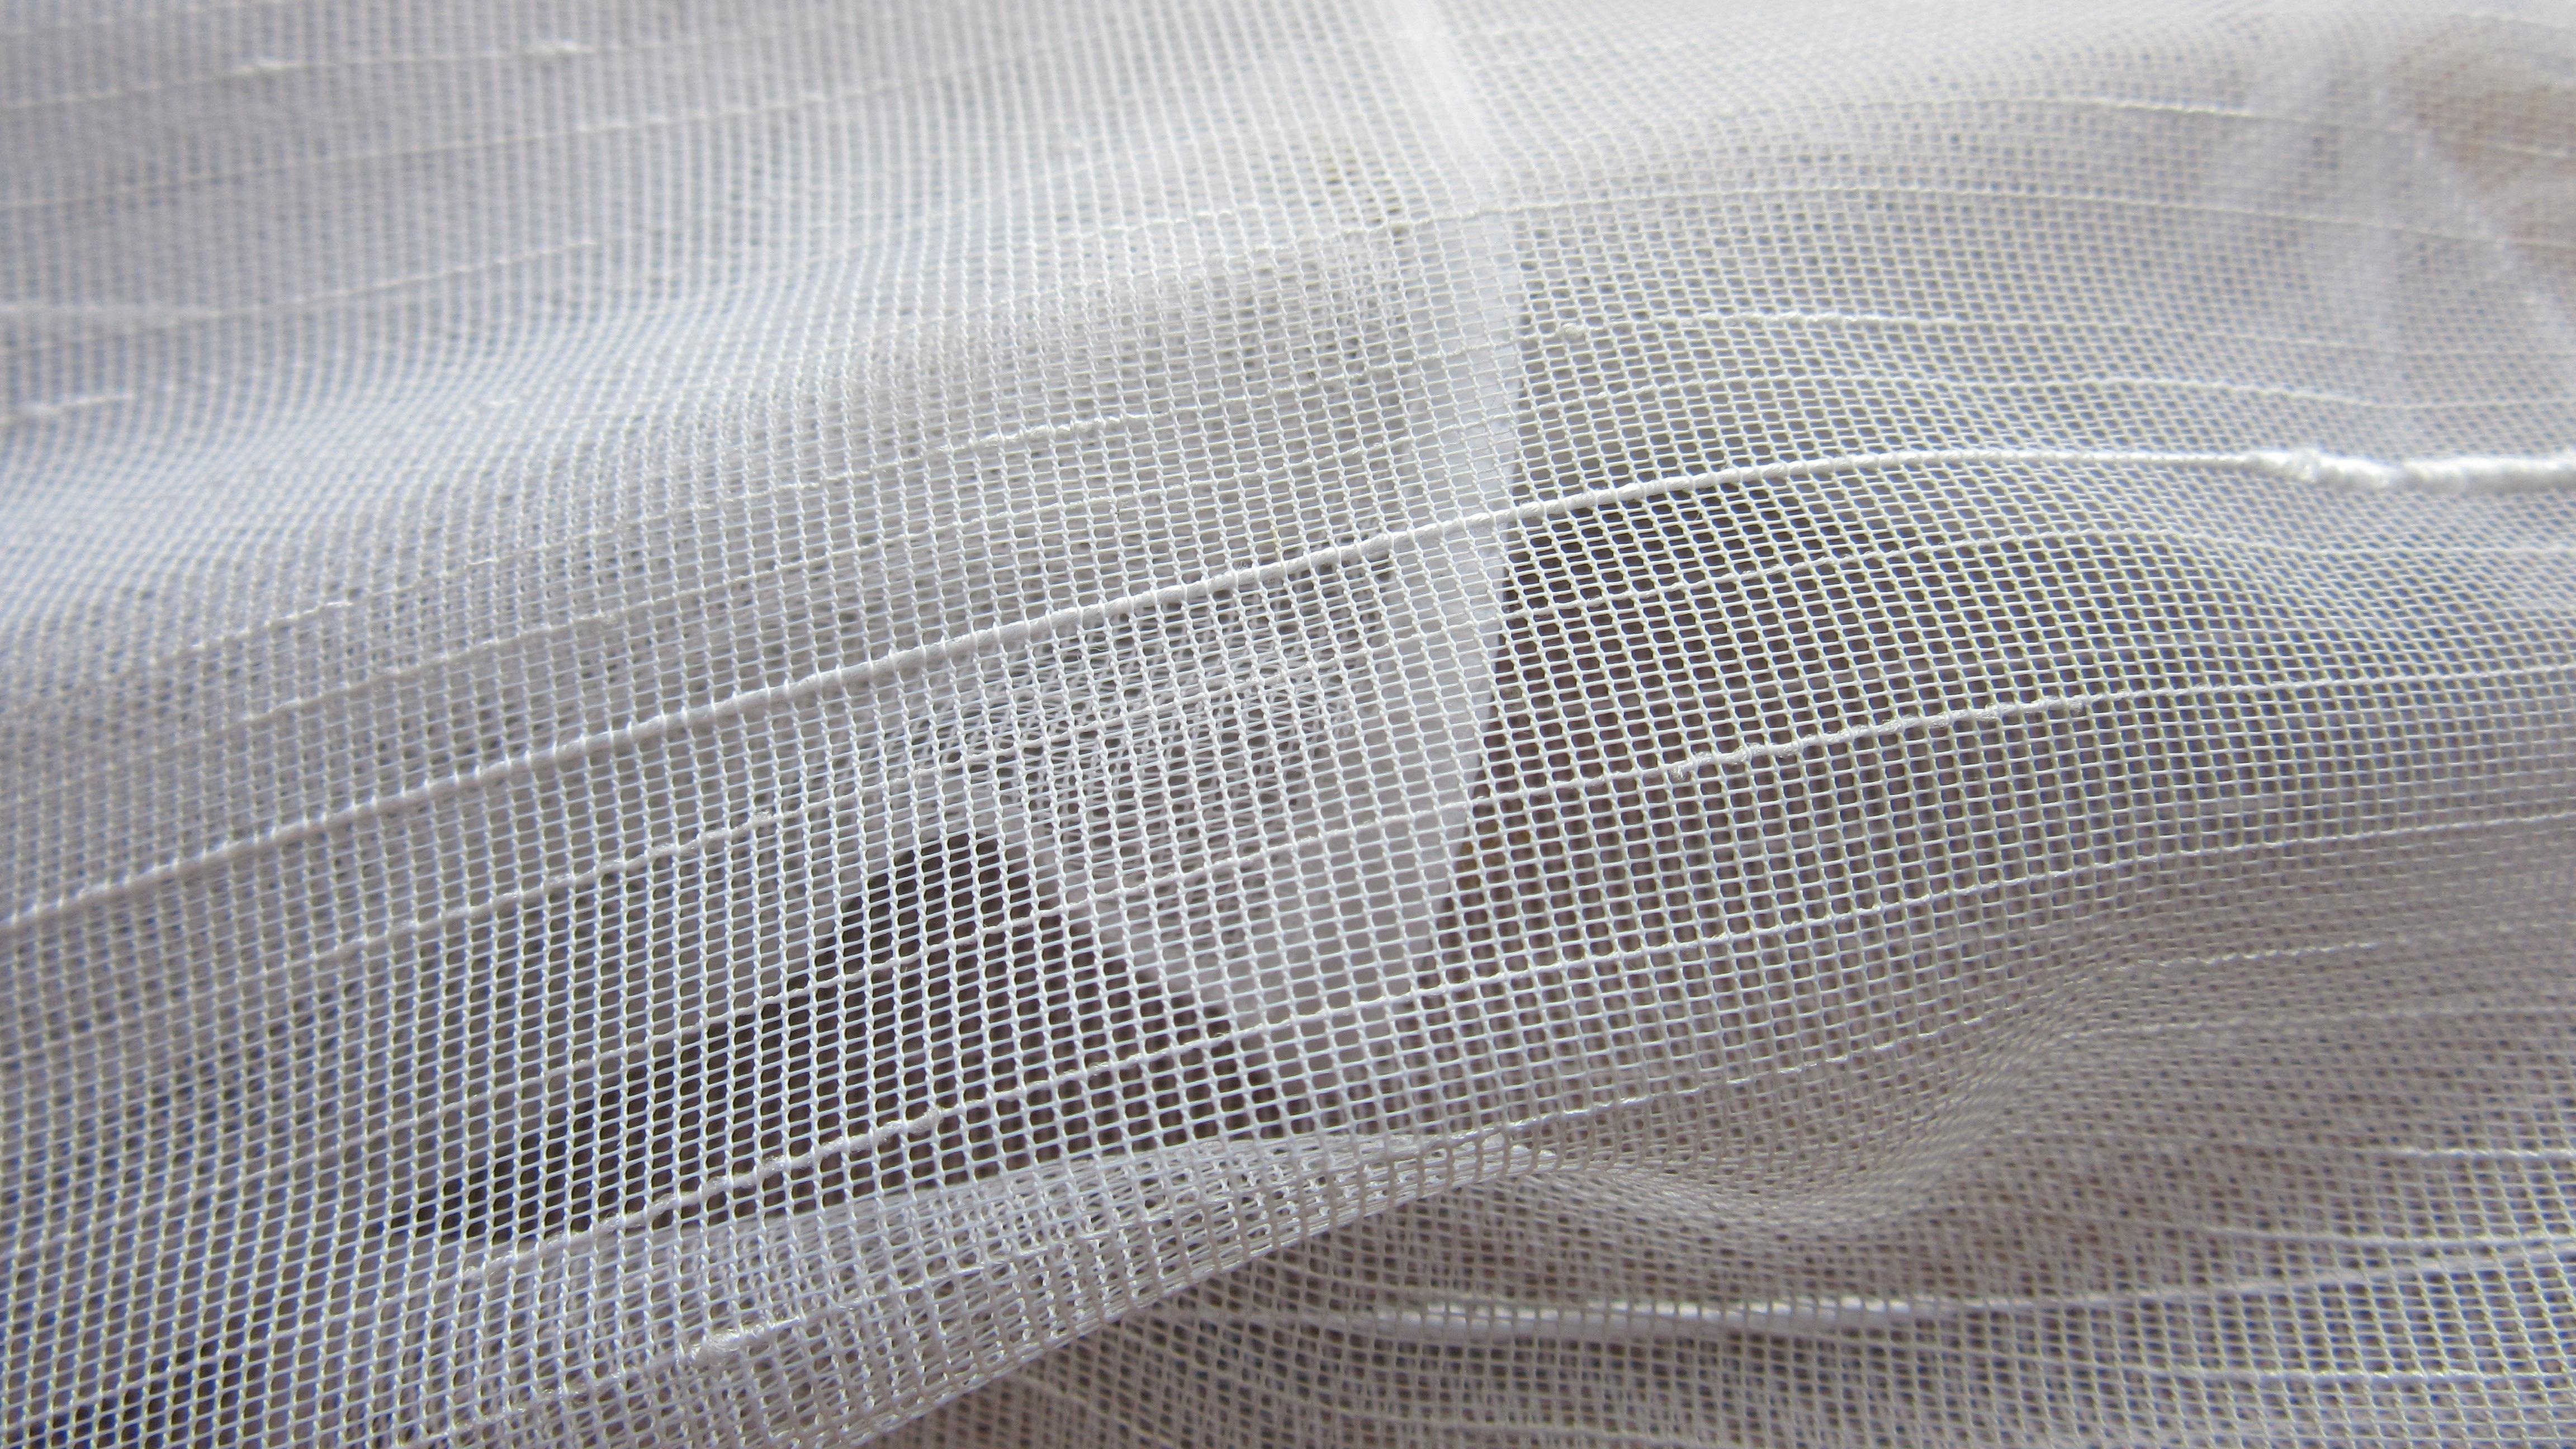 Kendte Gratis billeder : vinge, etage, mønster, gardin, materiale, stof IN-08